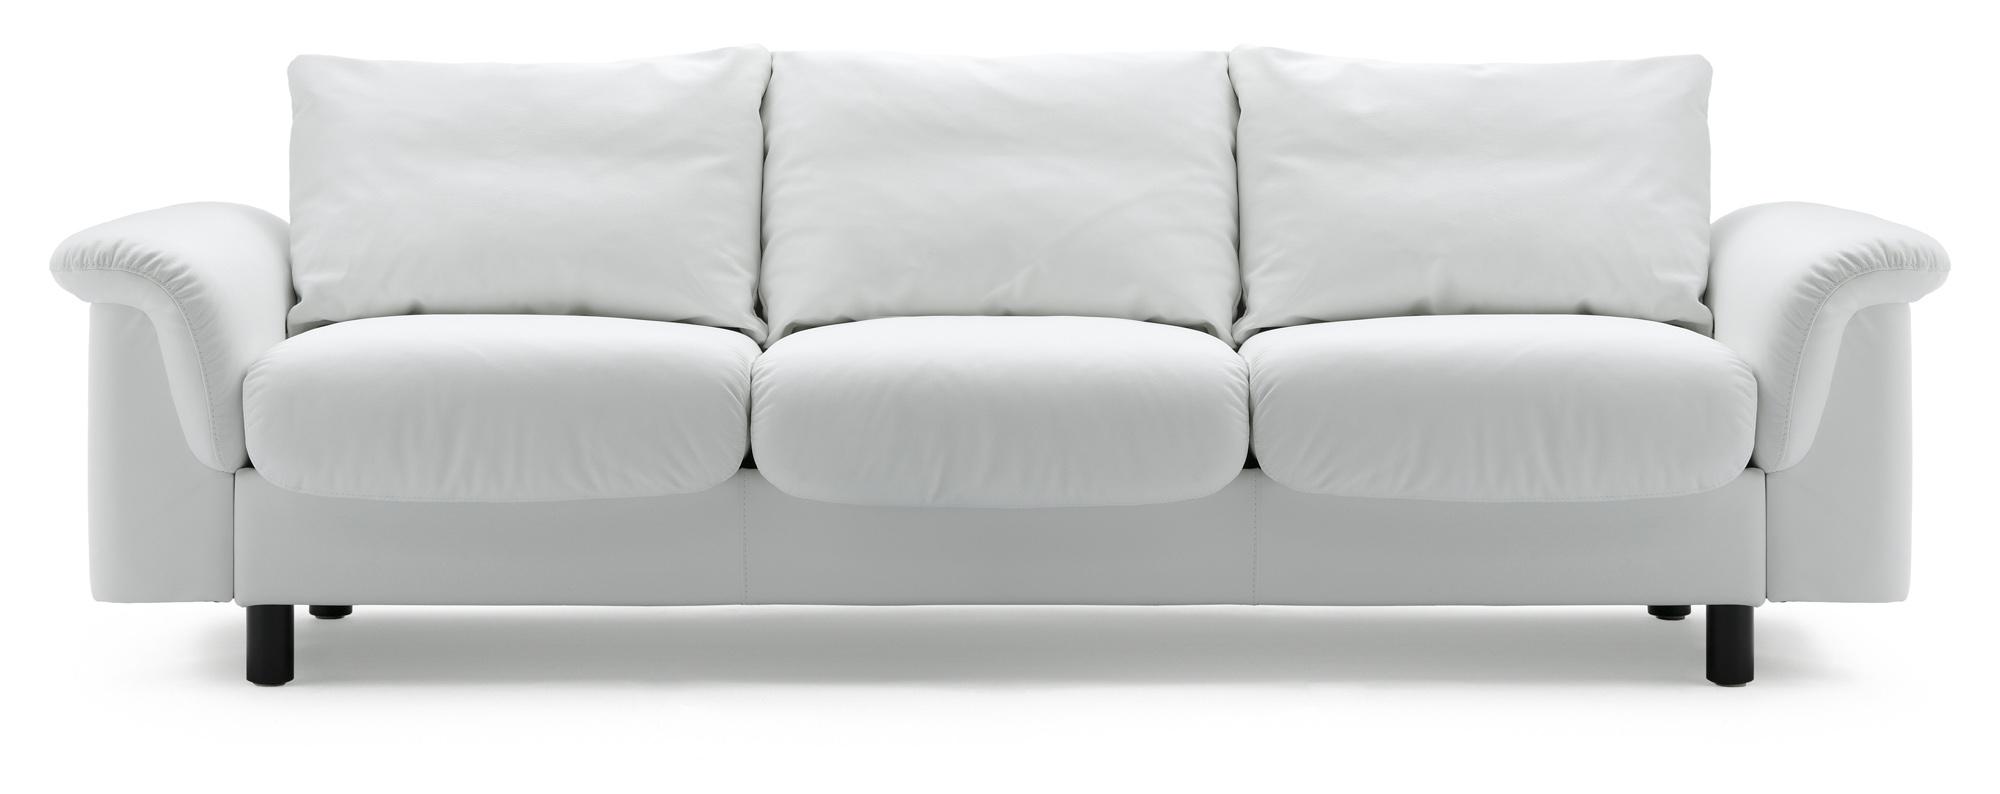 stressless e300 3 istuttava stressless sohvat sohvat ja rahit tuotteet maskun kalustetalo. Black Bedroom Furniture Sets. Home Design Ideas